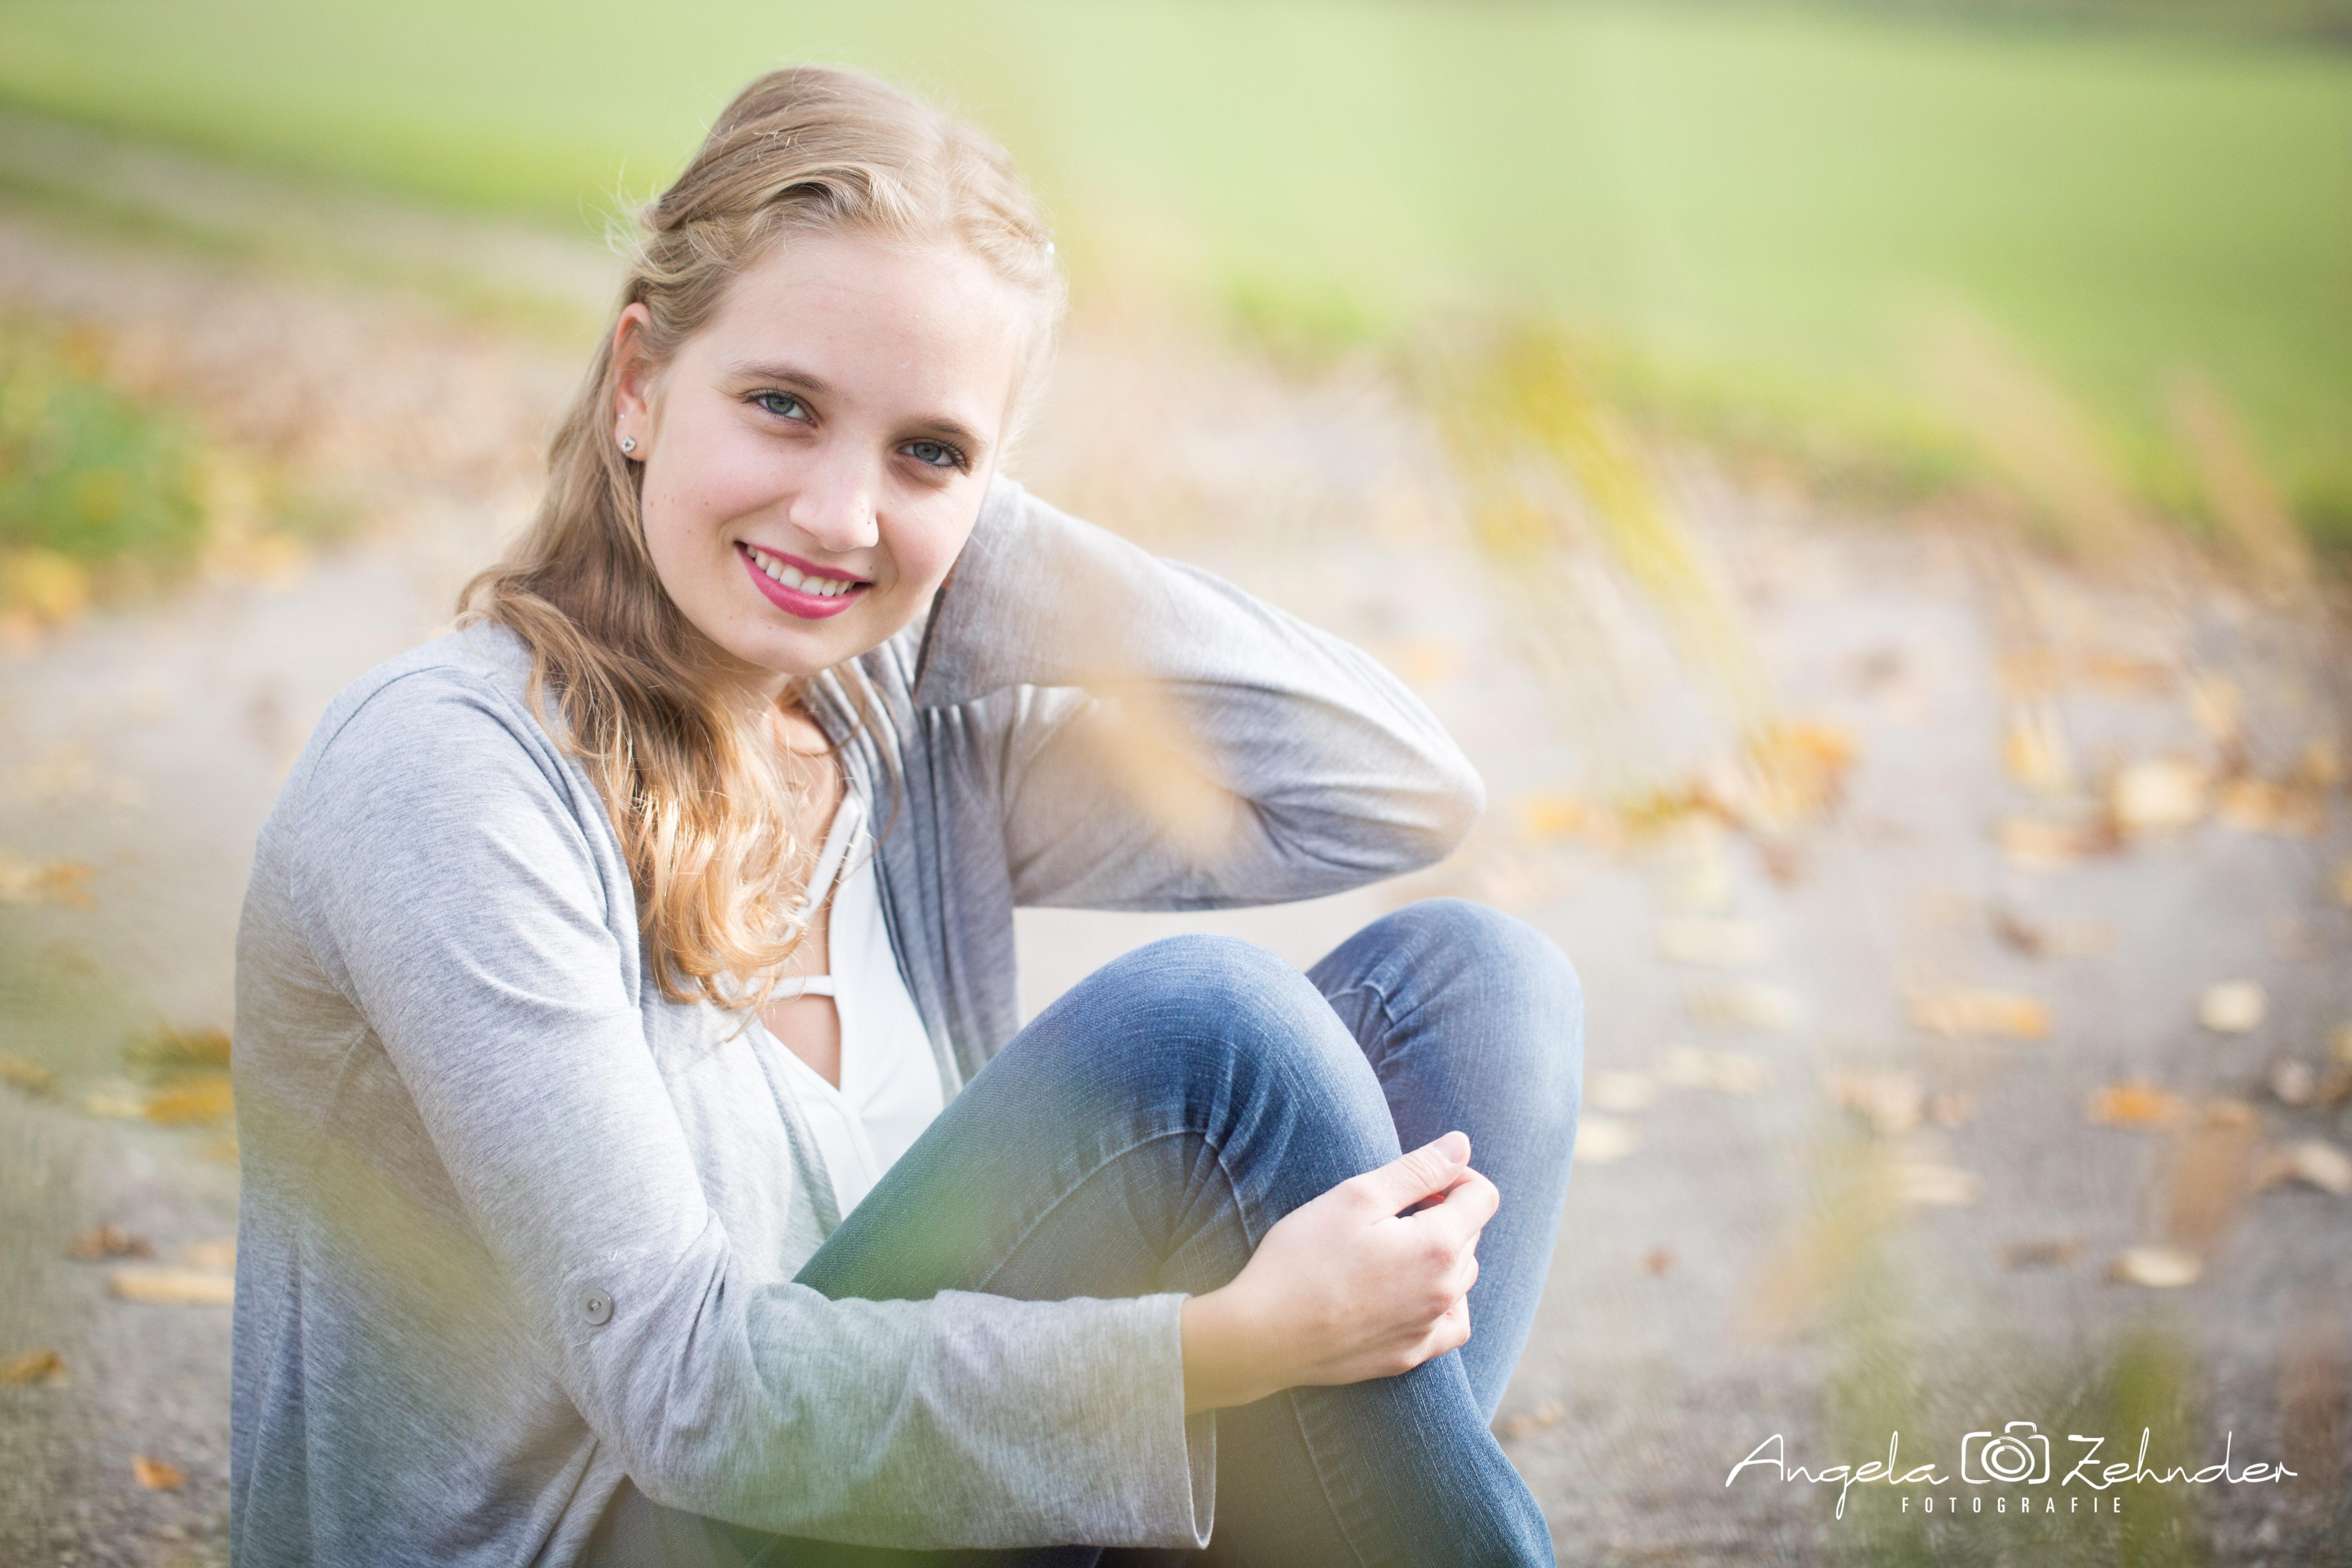 angela-zehnder-fotografie-portrait-43